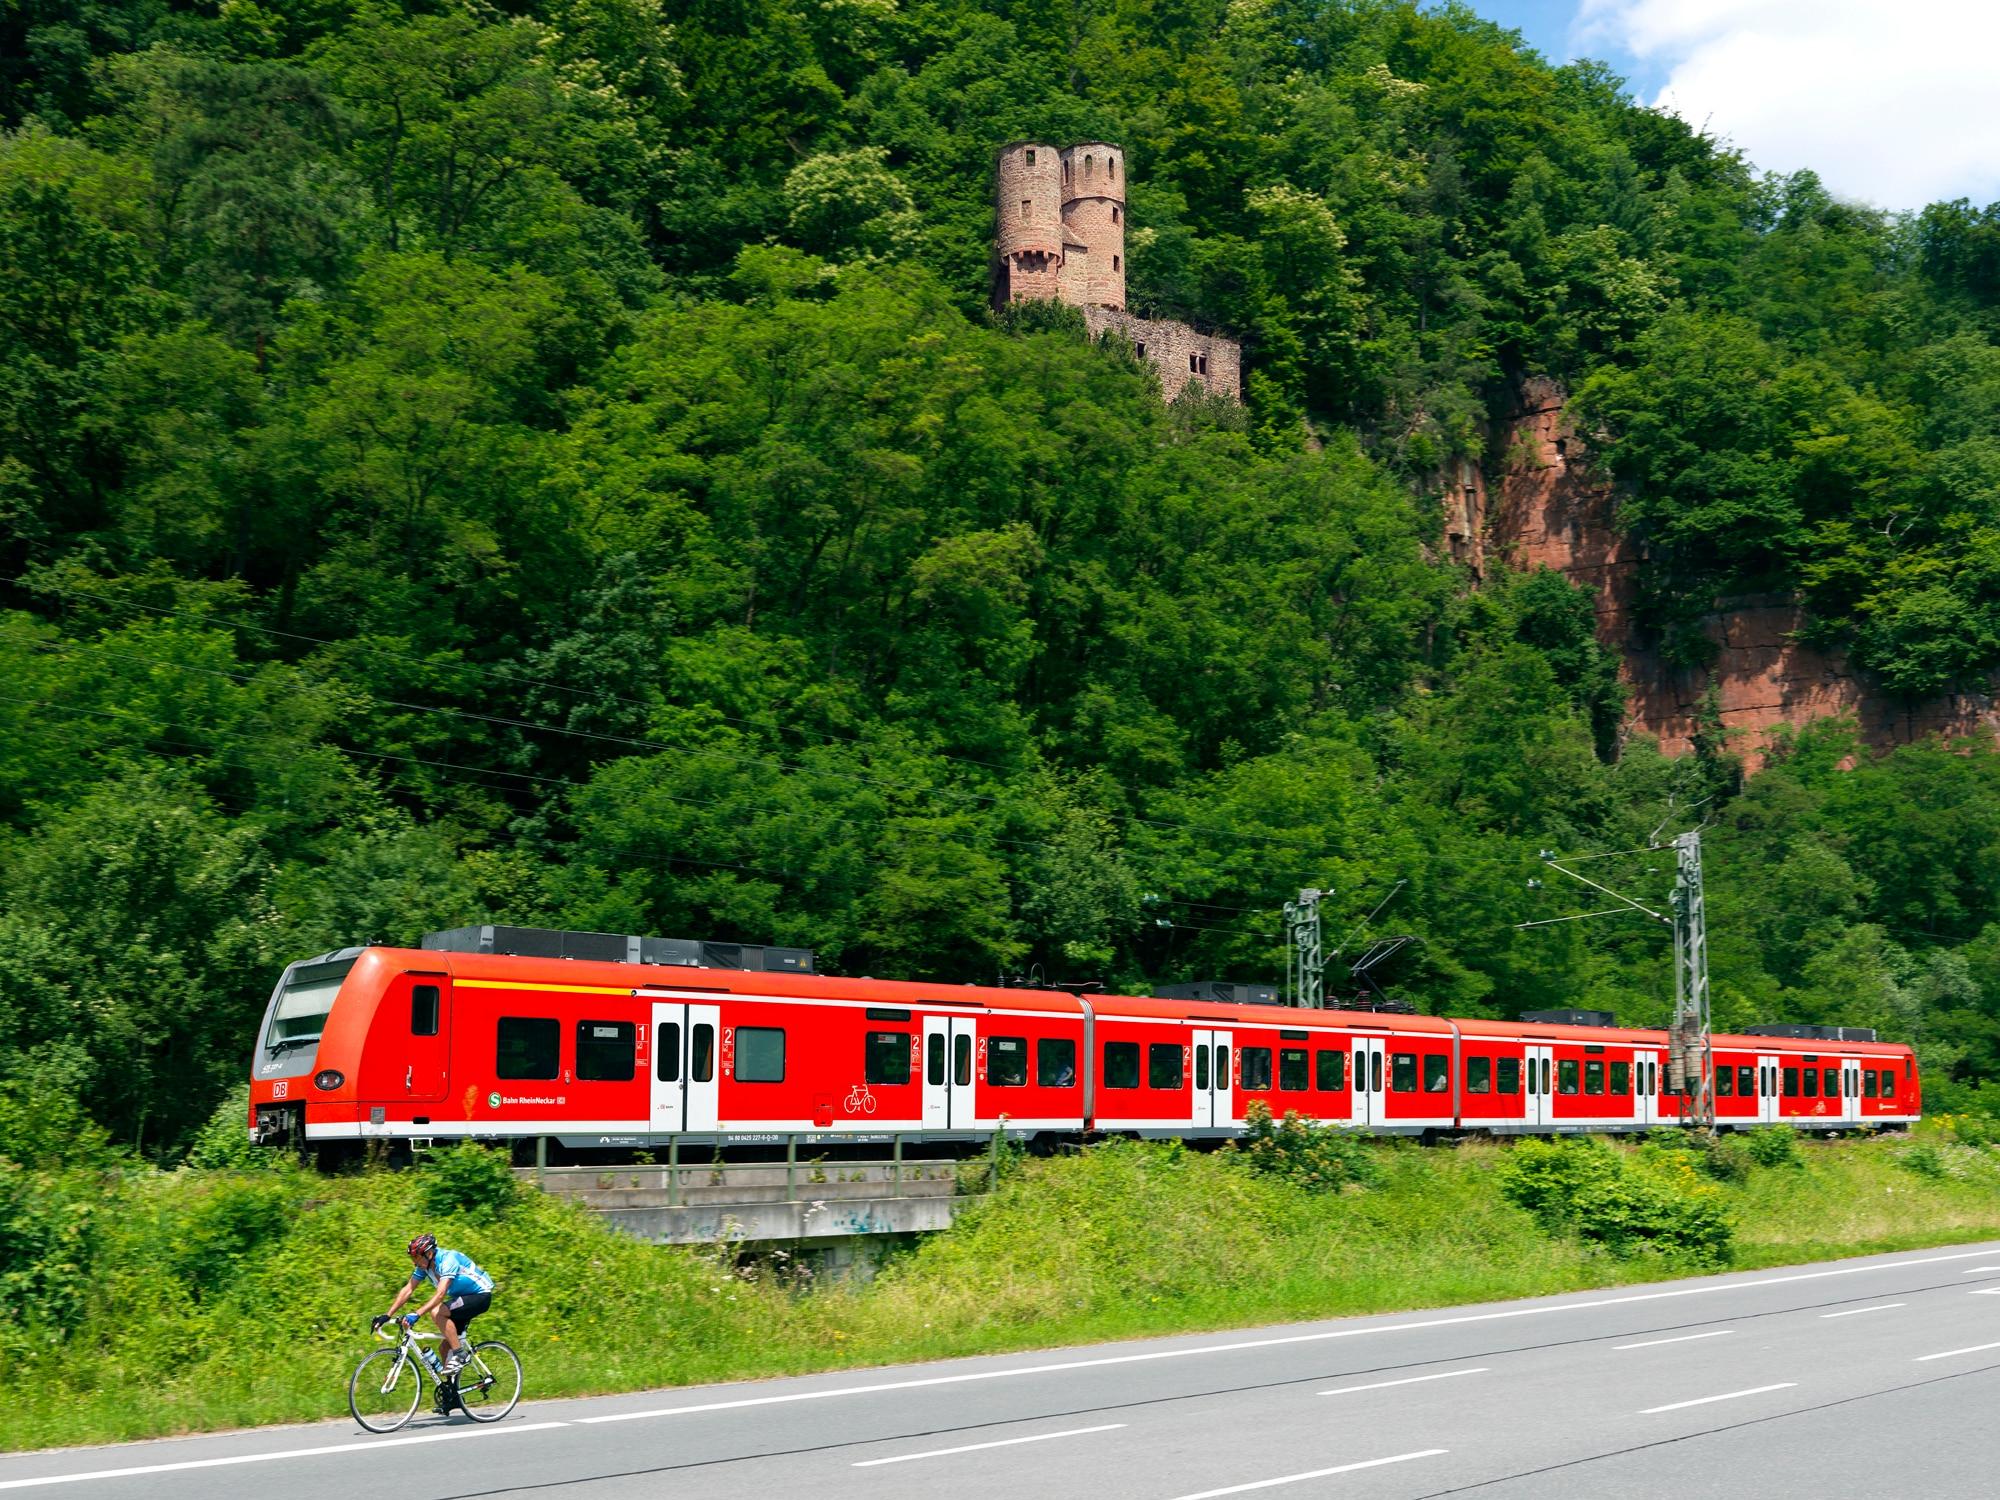 Regiozug für Ausflüge im Sommer mit der Bahn im Südwesten